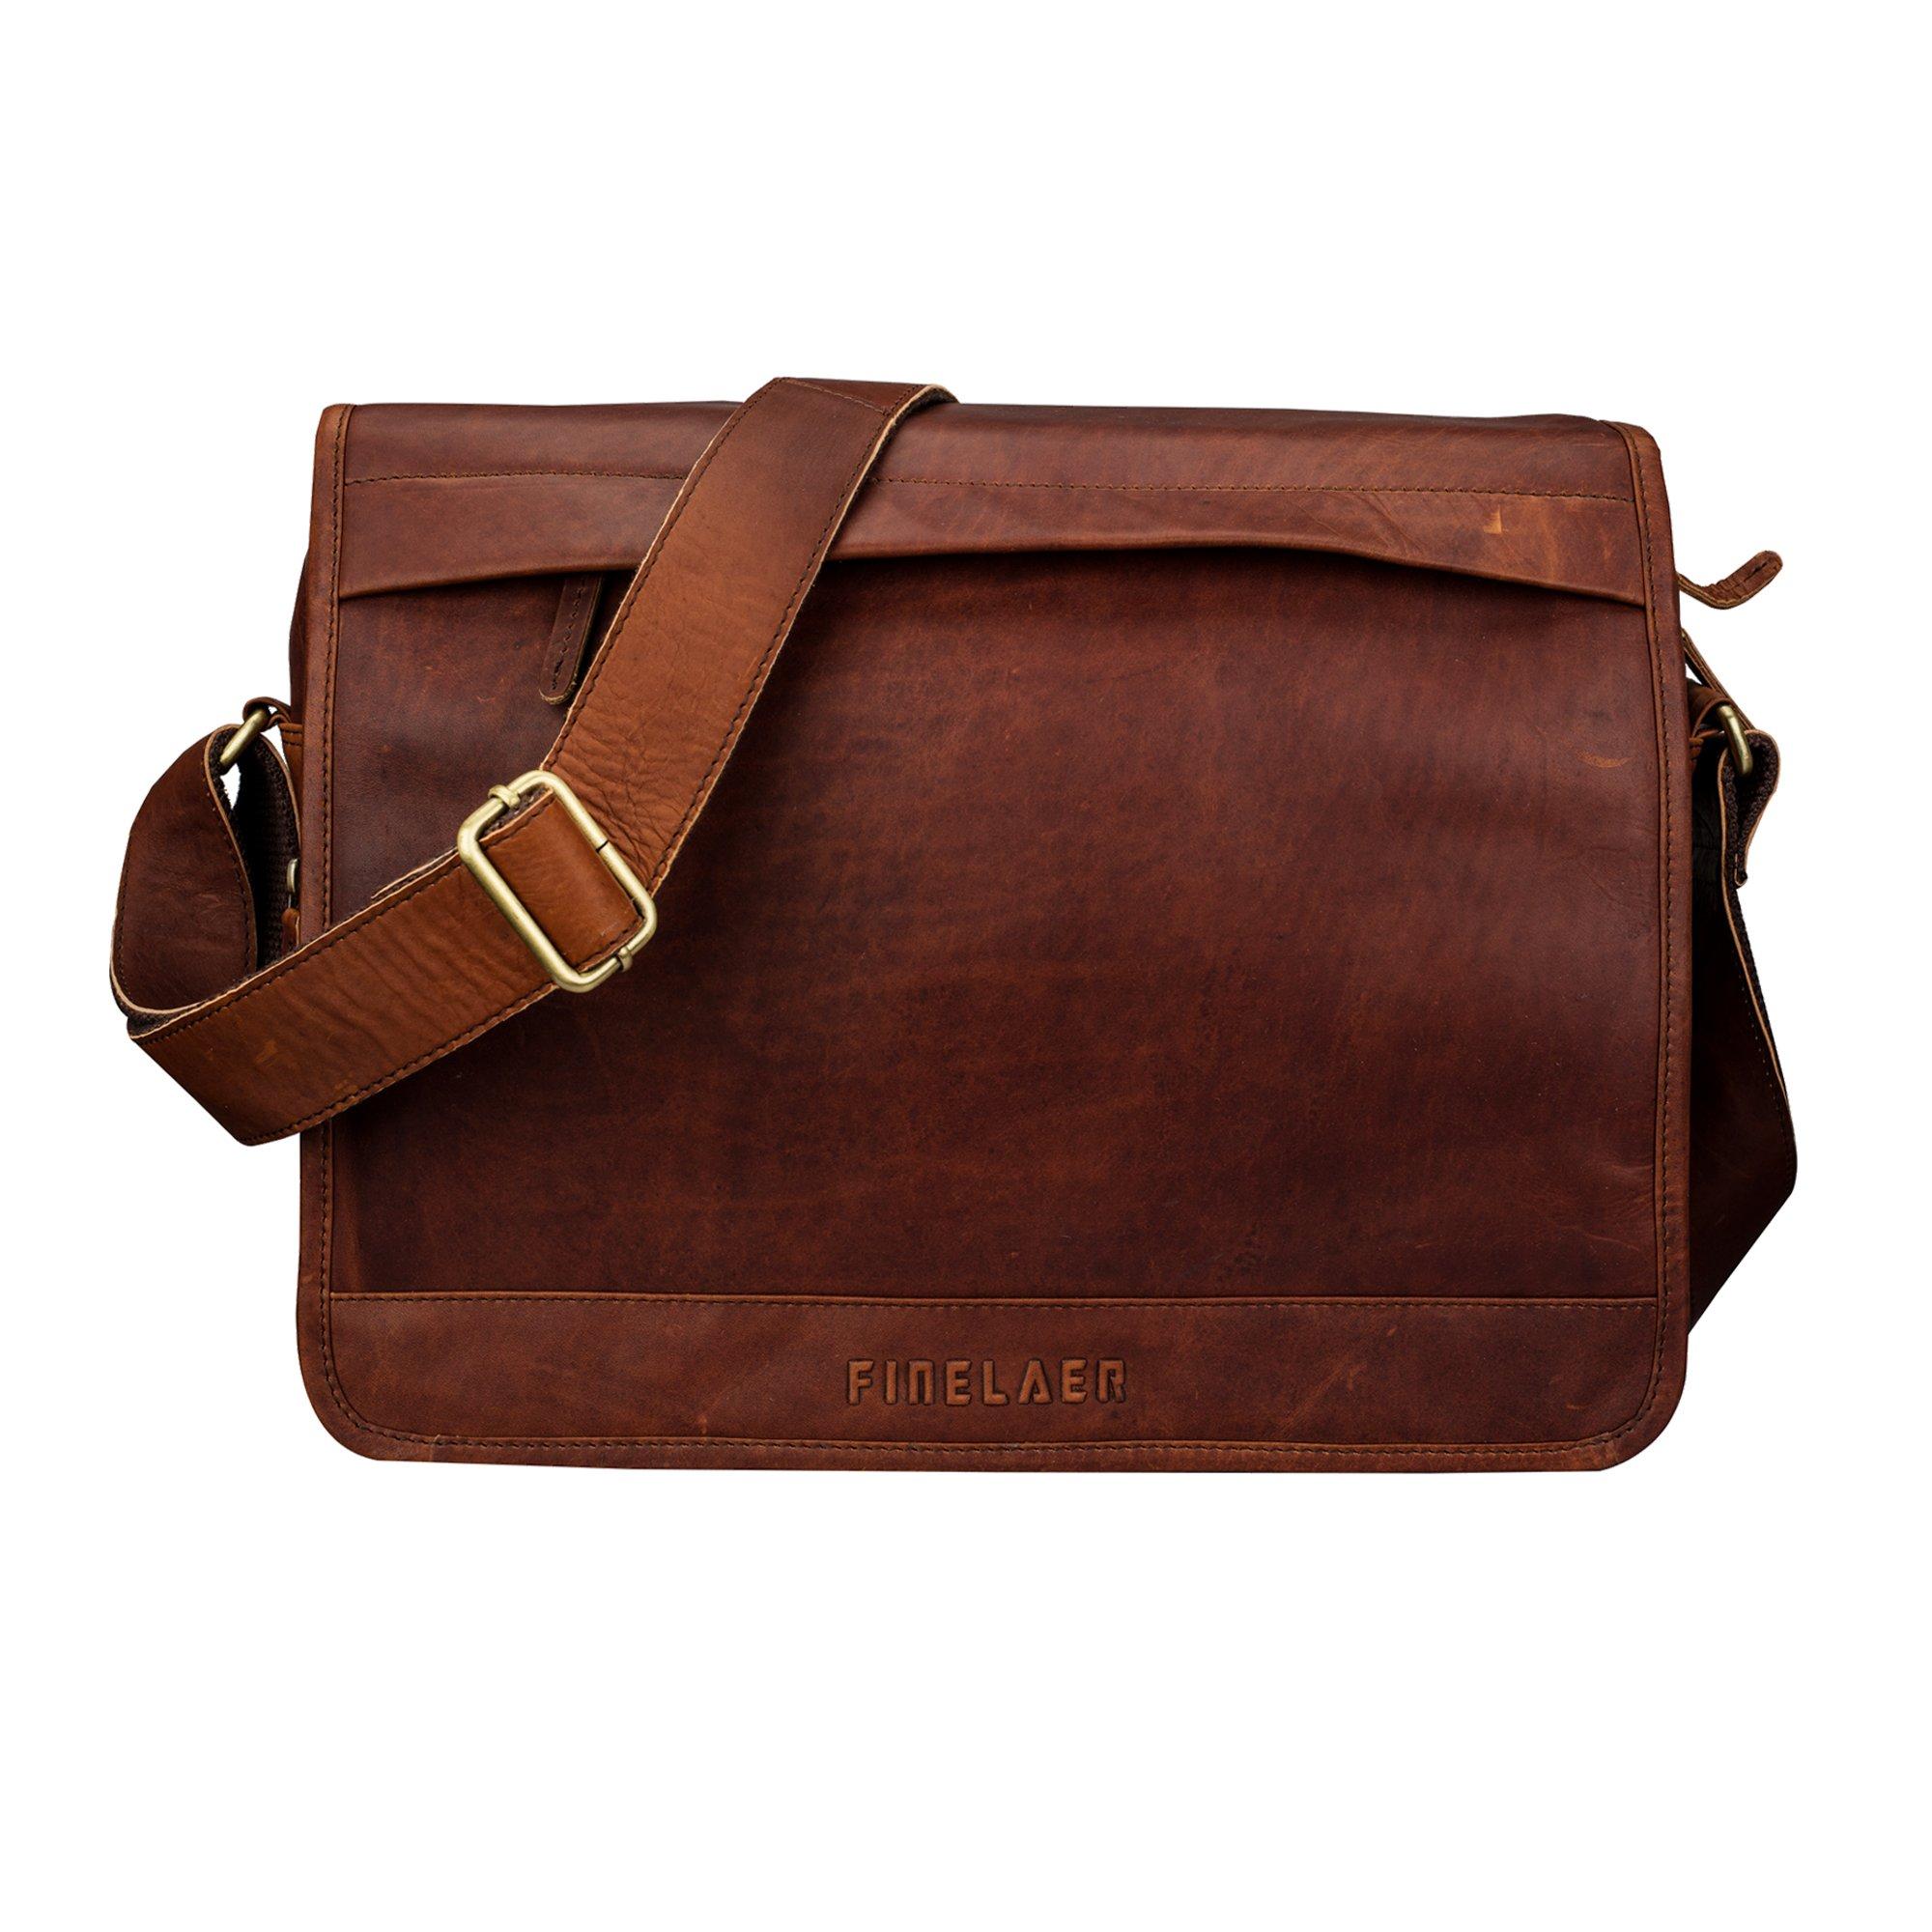 Finelaer Genuine 13'' Leather Laptop Messenger Shoulder Office Work Bag Brown for Men and Women